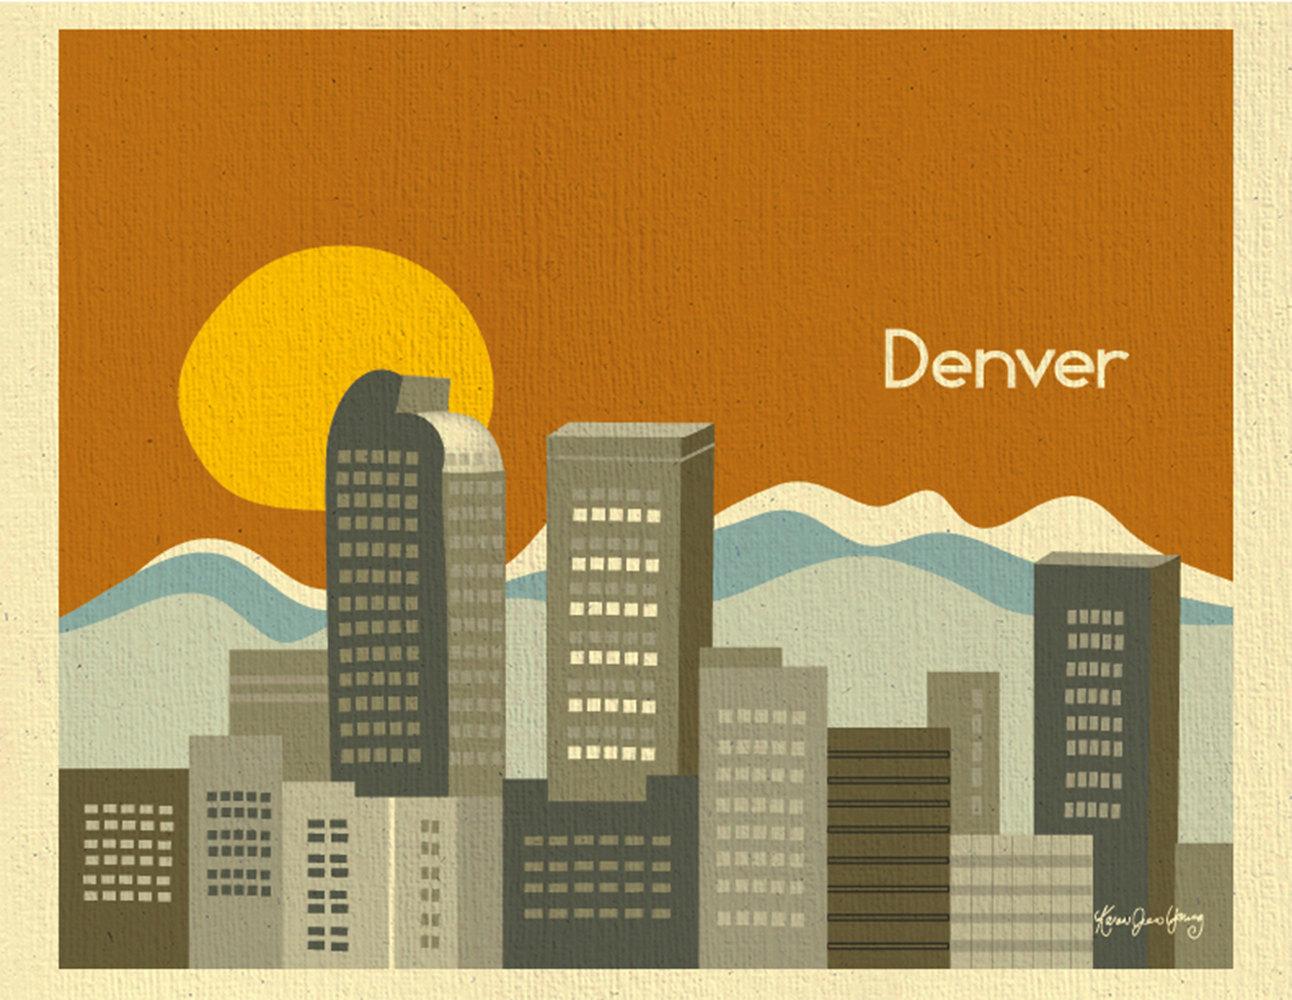 1292x1000 Denver Skyline Silhouette